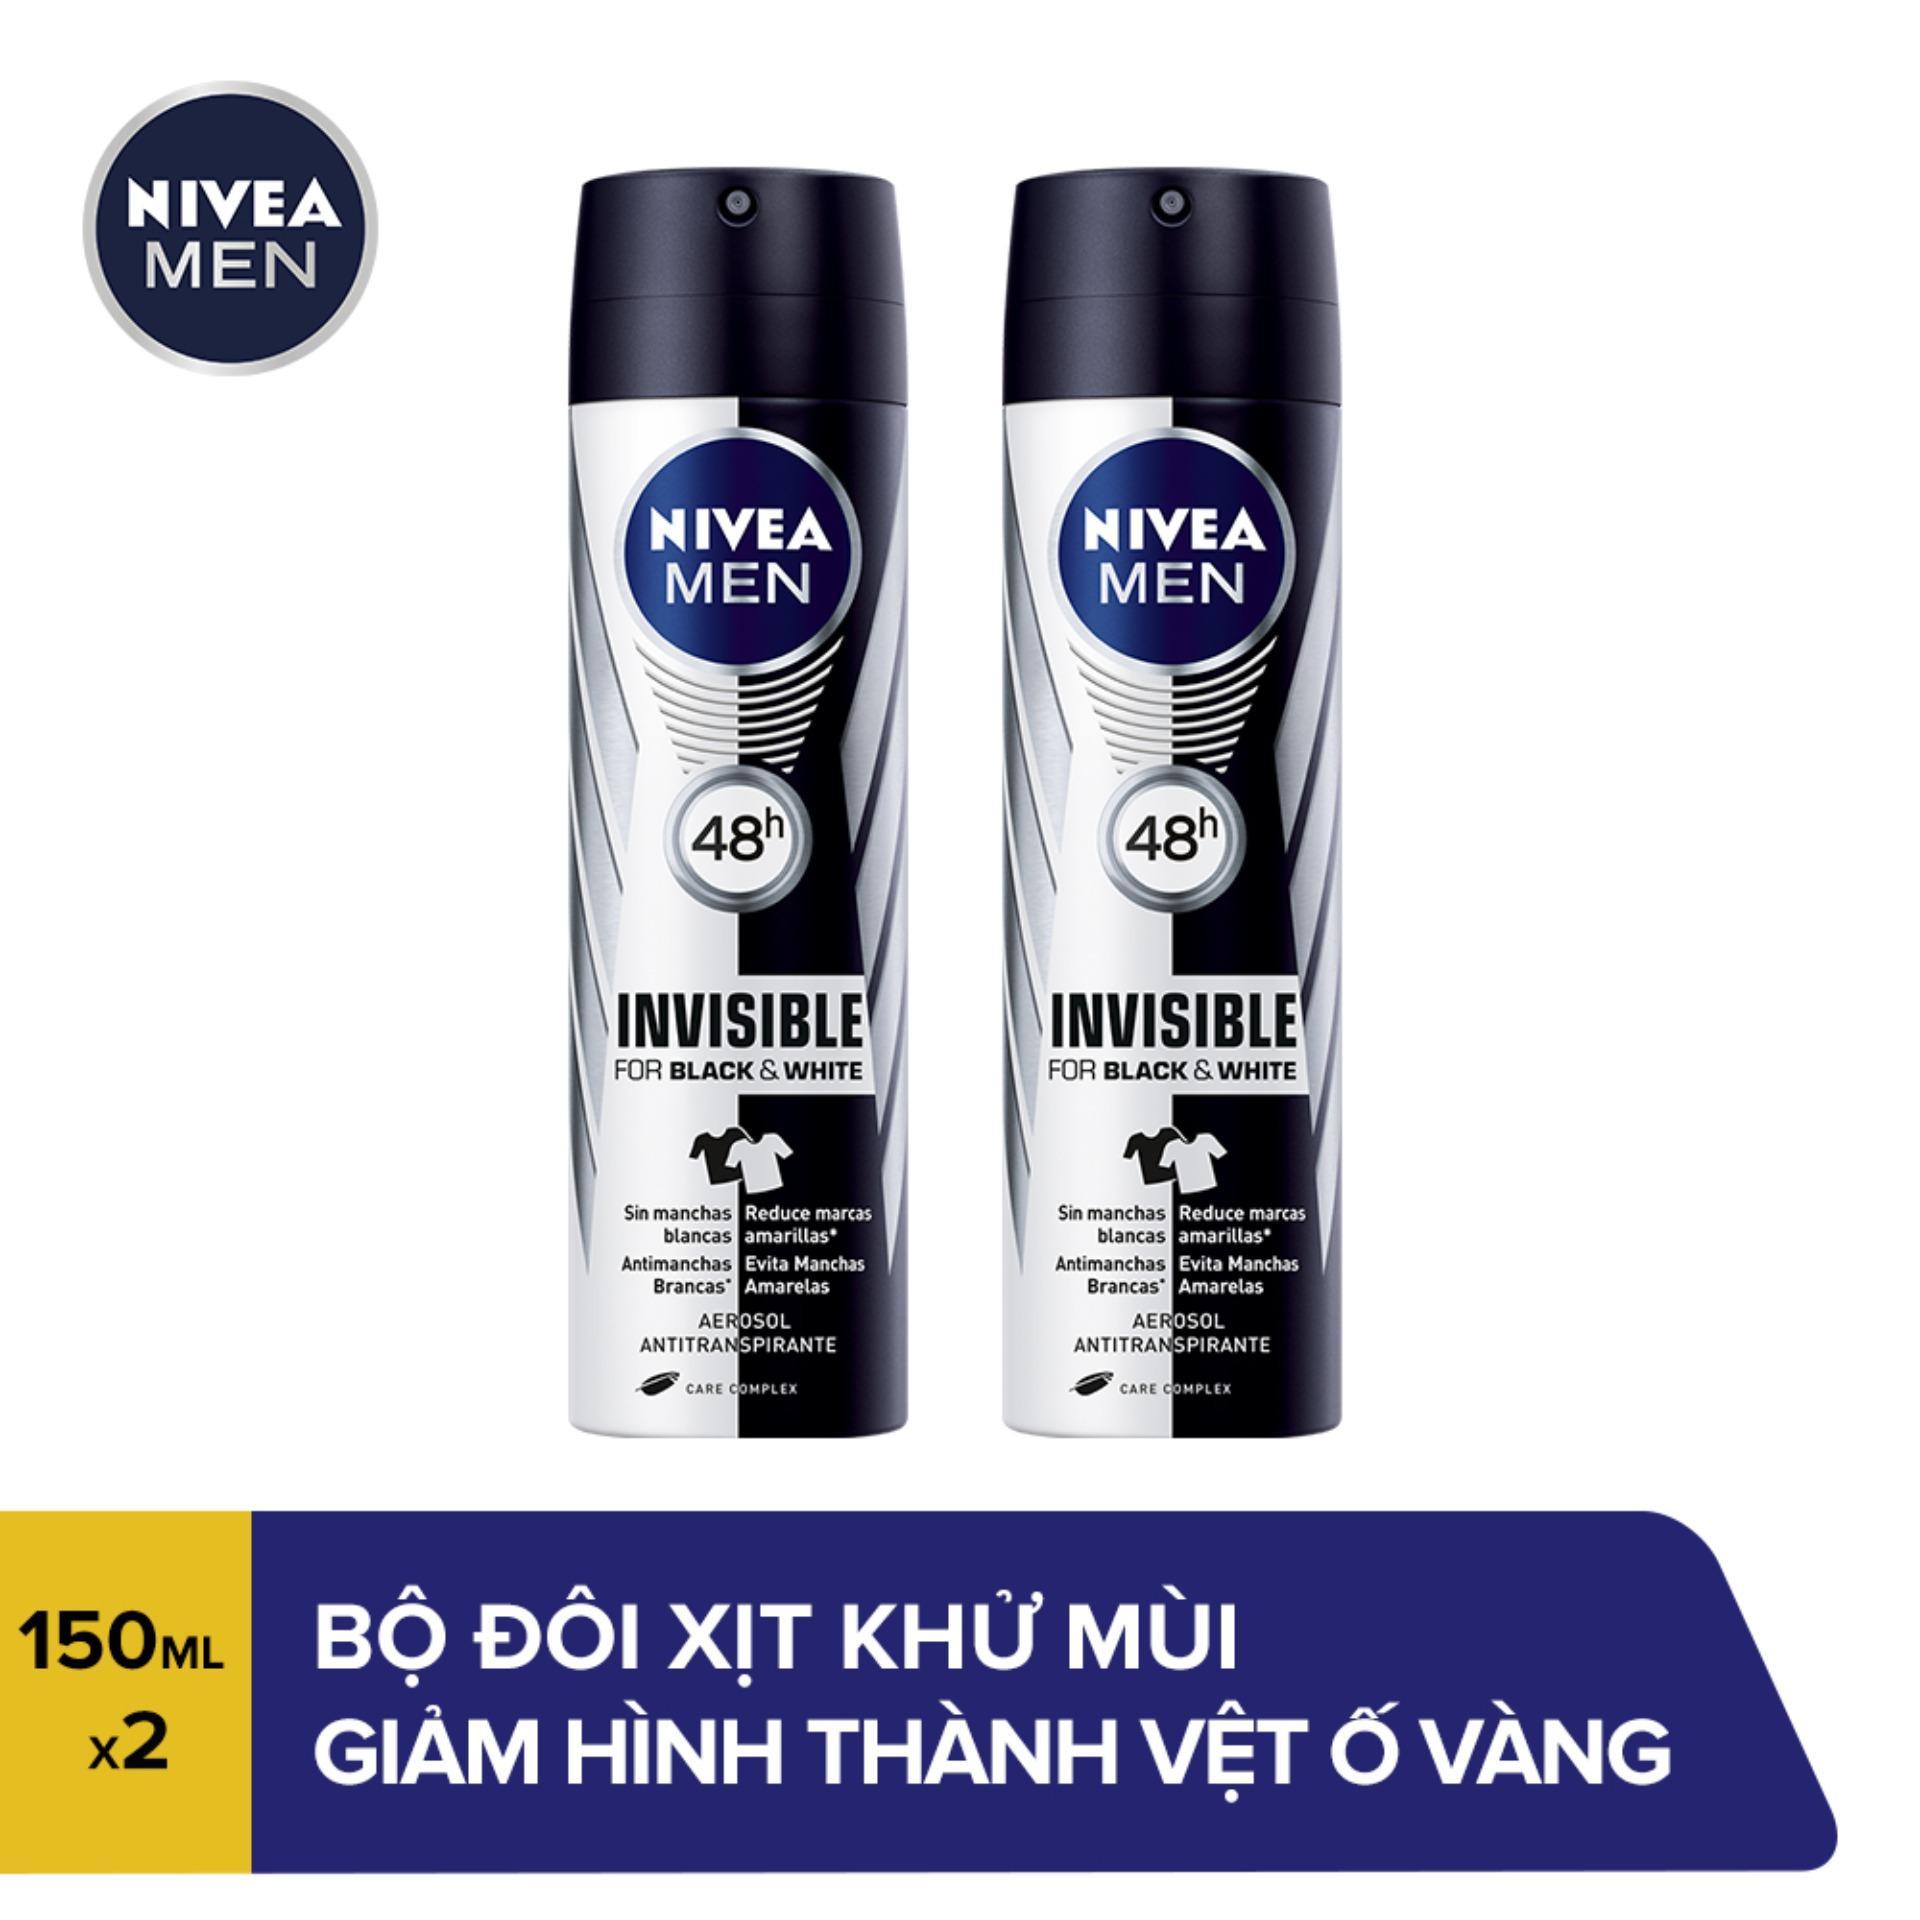 Bộ đôi Xịt Ngăn Mùi Giảm Hình Thành Vệt Ố Vàng Trên Quần Áo Dành Cho Nam Nivea Black & White 82241 (150ml x 2)